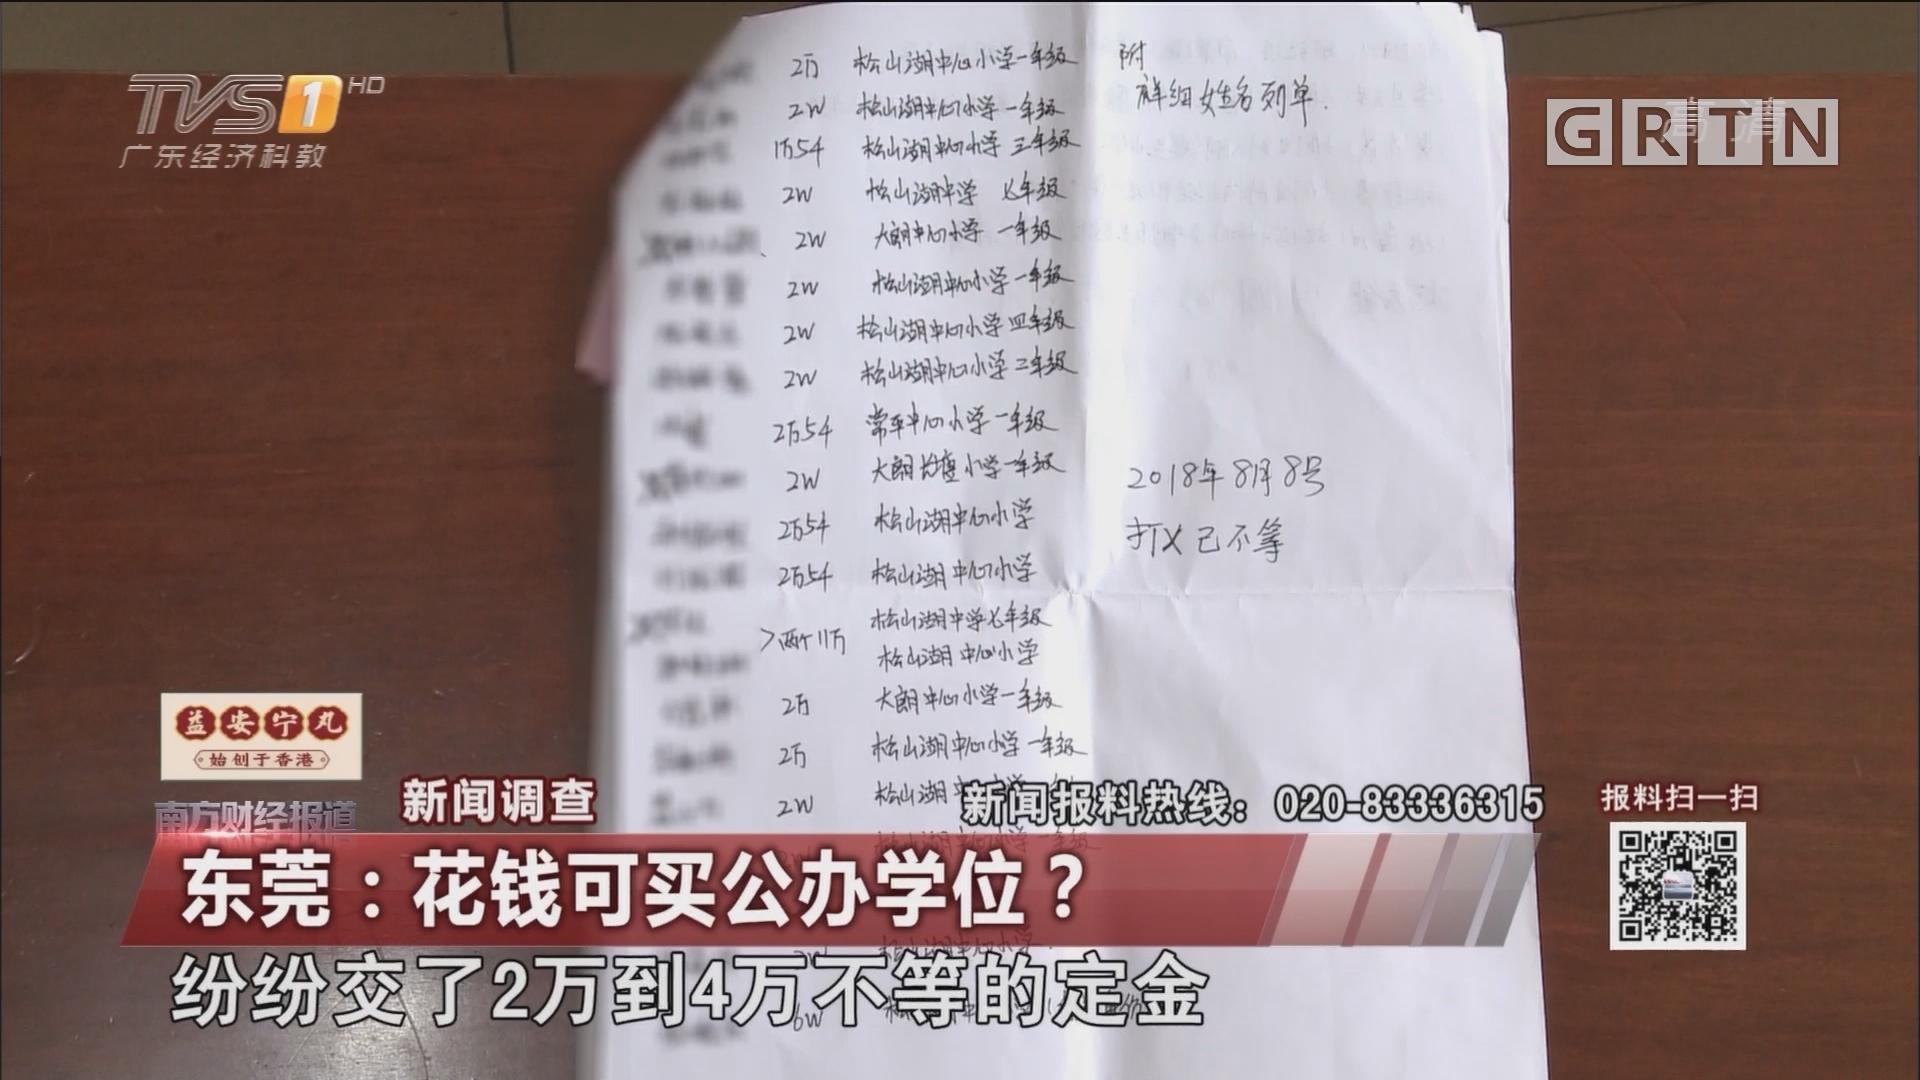 东莞:花钱可买公办学位?